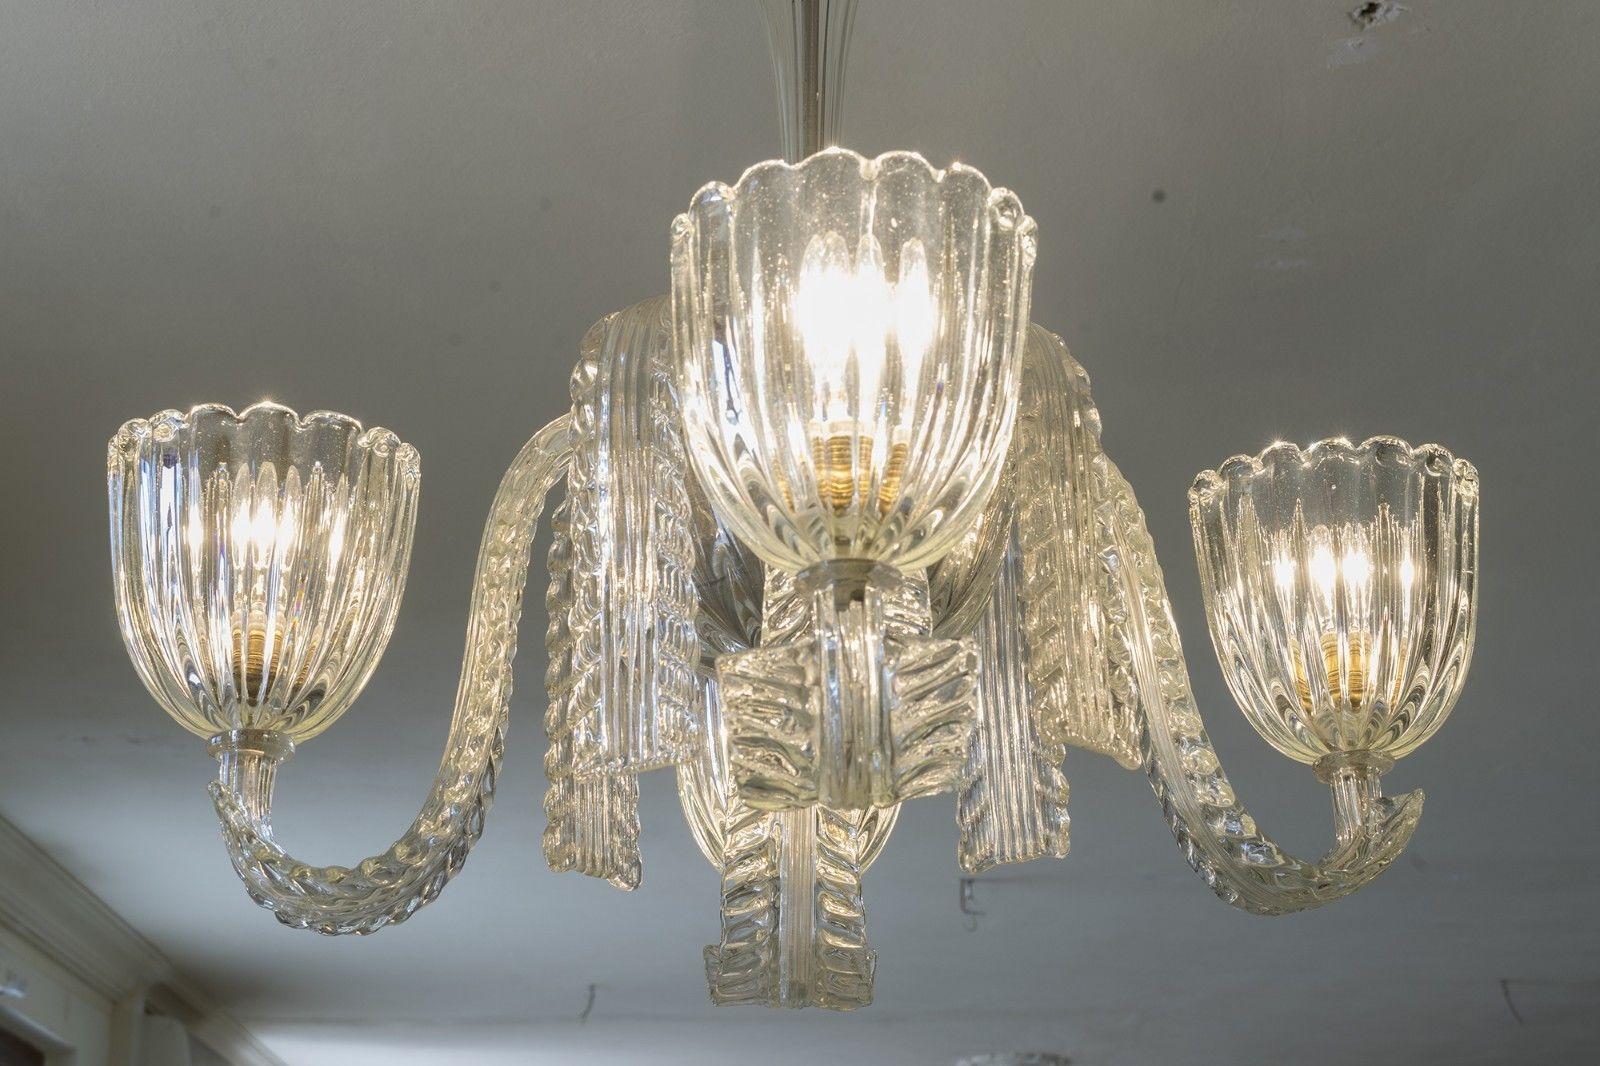 lampadario in vetro di murano 6 luci in su' Antico Lampadario Di Murano Art Deco Anni 30 Designer Barovier E Toso Lampadario Art Deco Lampadario Lampadario Antico